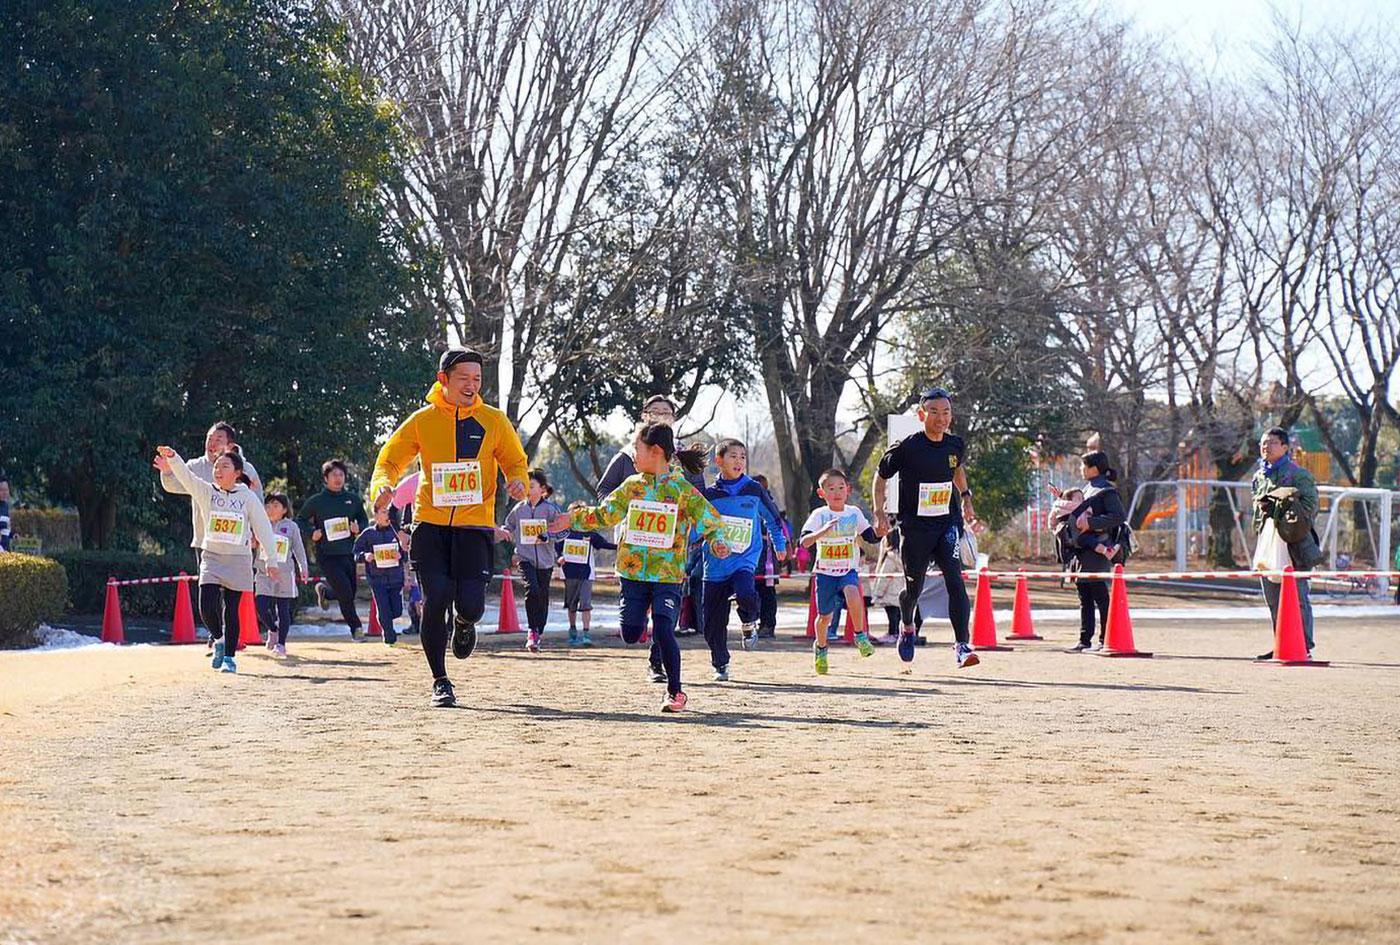 日産茨城会presentsベジタブルマラソンin水戸偕楽園   茨城県